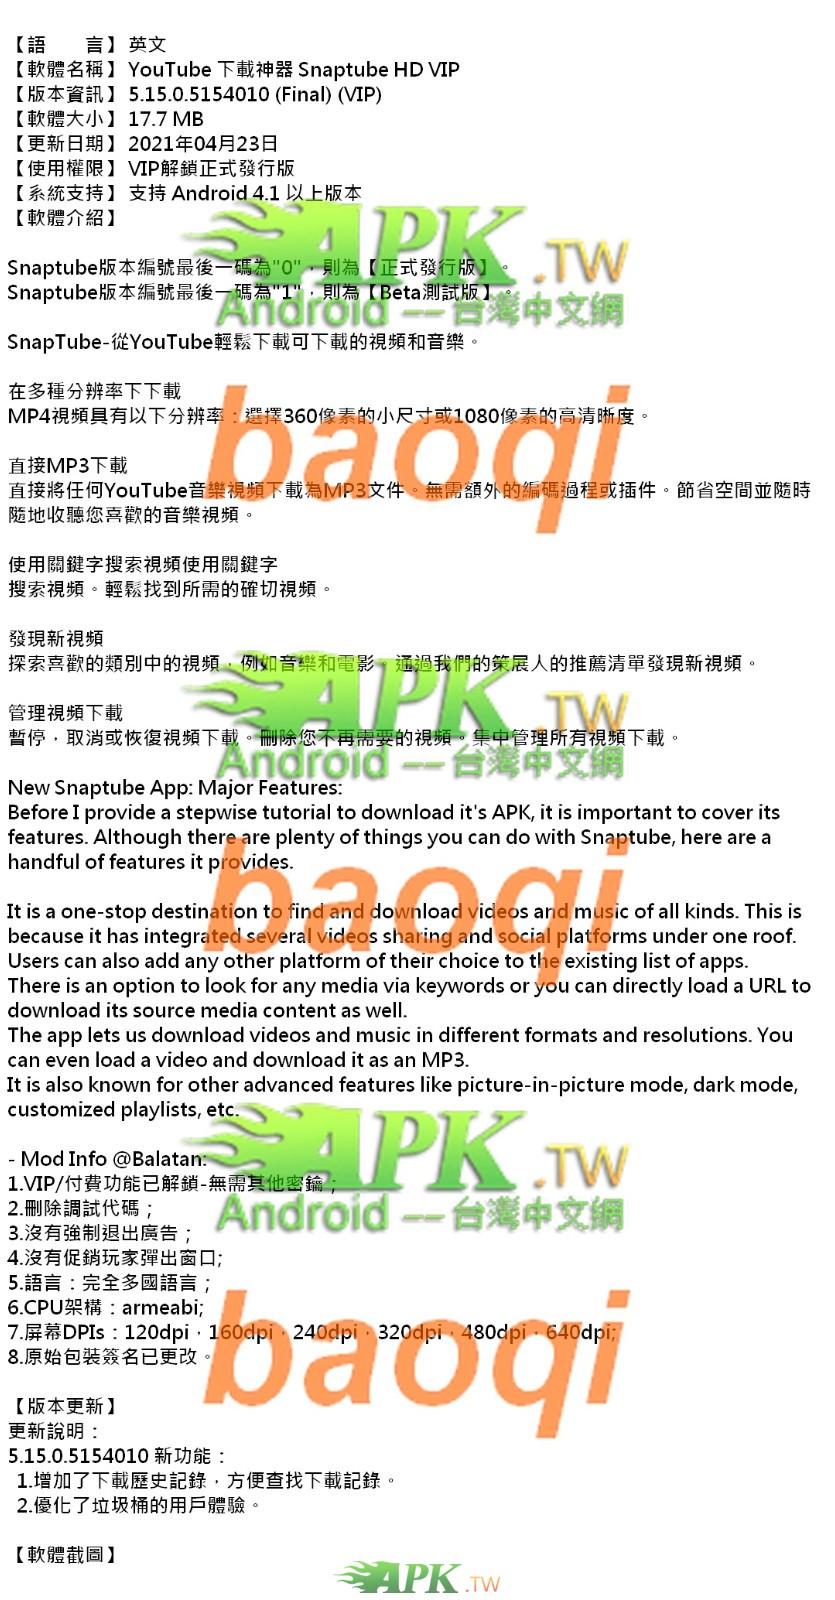 Snaptube_VIP_5.15.0.5154010 APK_.jpg